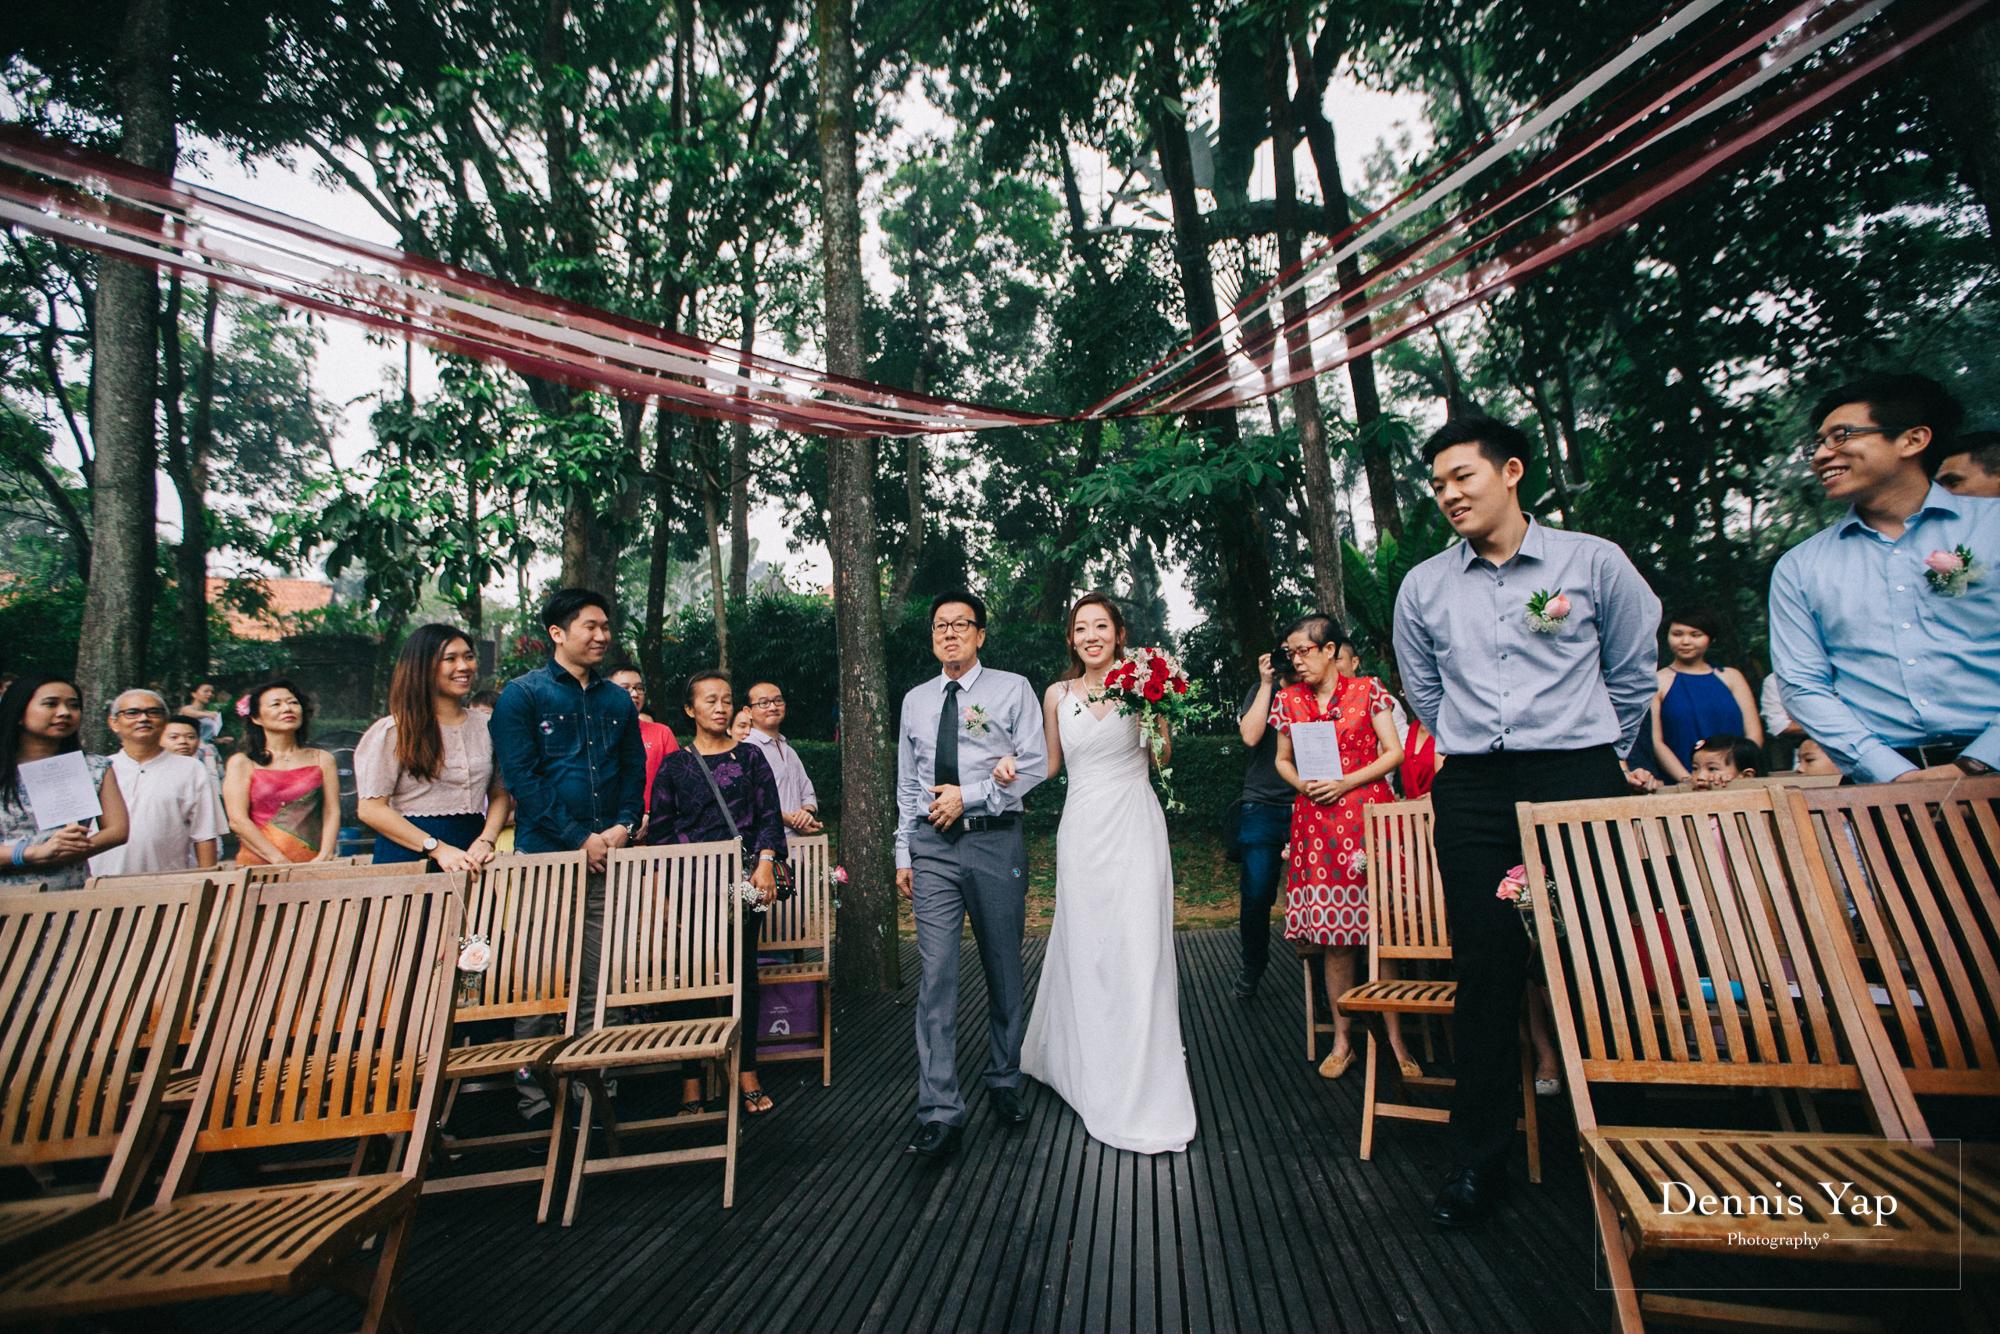 jason su lin rom registration gita bayu serdang wedding reception ceremony dennis yap photography fog malaysia-15.jpg